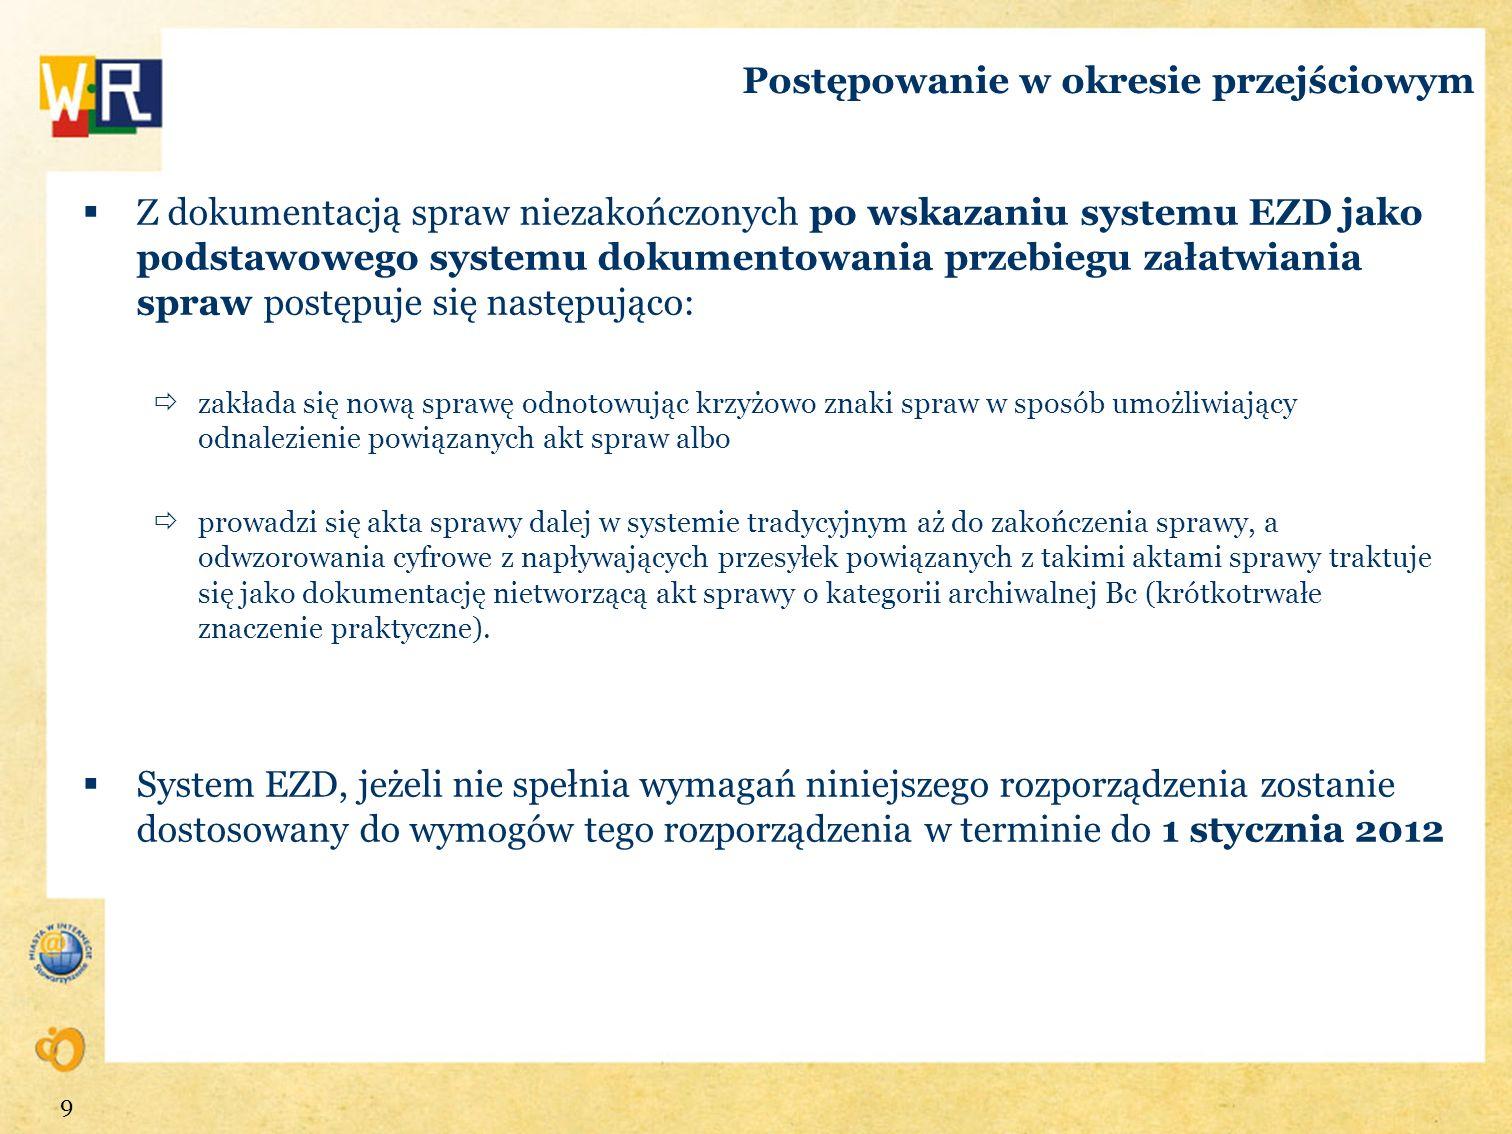 Postępowanie z przesyłkami przekazanymi na ESP Przesyłki przekazane na ESP dzieli się na: przeznaczone do automatycznego rejestrowania w specjalnie przeznaczonym do obsługi danego rodzaju przesyłek systemie teleinformatycznym; pozostałe, nie przeznaczone do automatycznego rejestrowania.